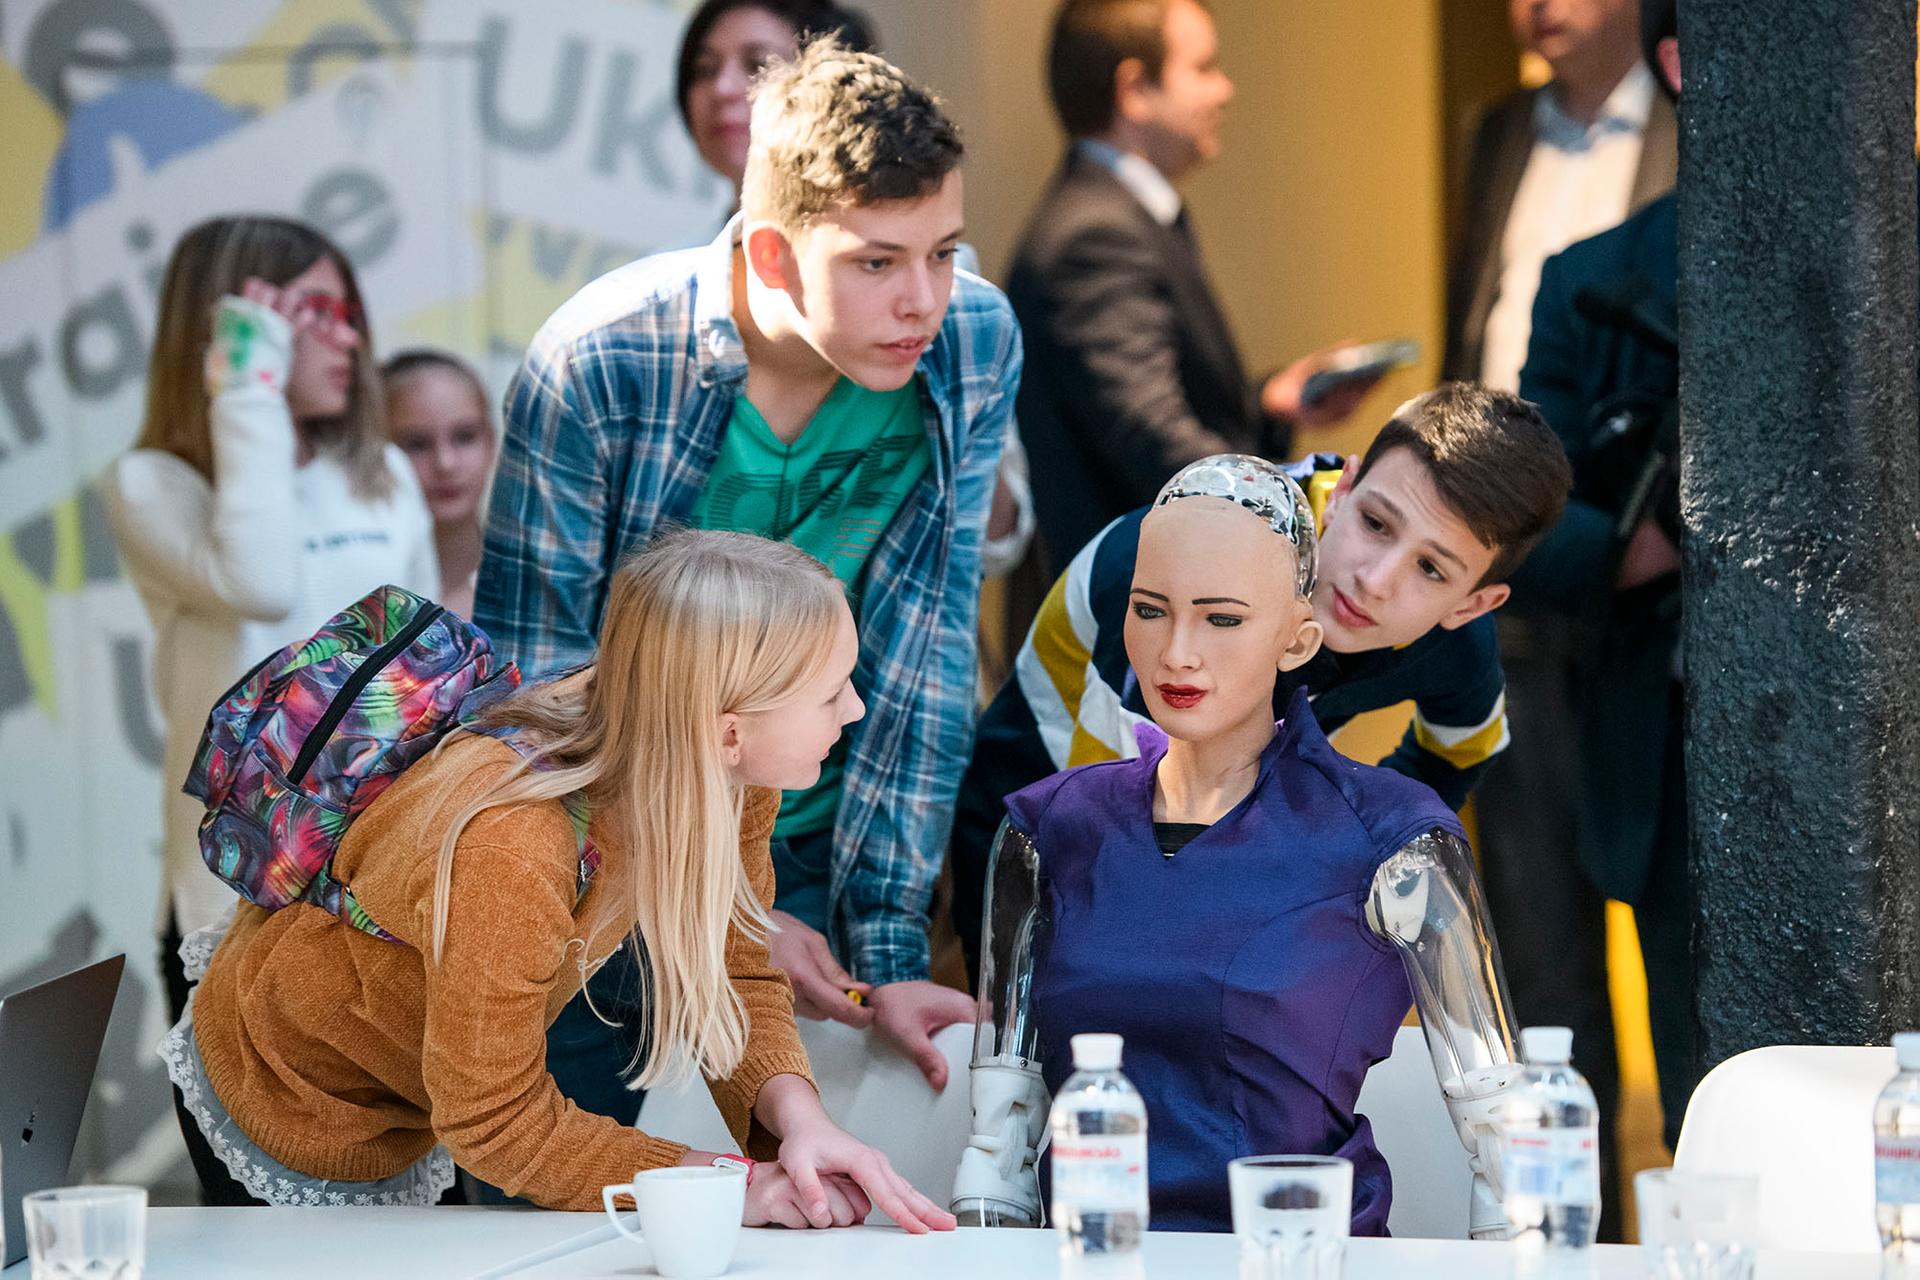 Школярі-винахідники, які займаються робототехнікою, розглядають людиноподібного робота (гіноїда) Софію у Києві, 11 жовтня 2018 року. Софія, розроблена гонконгською компанією Hanson Robotics і спроектована таким чином, щоб вчитися і адаптуватися до поведінки людей, а також співпраці з ними. Вона стала першою у світі роботом, що отримав громадянство будь-якої країни.